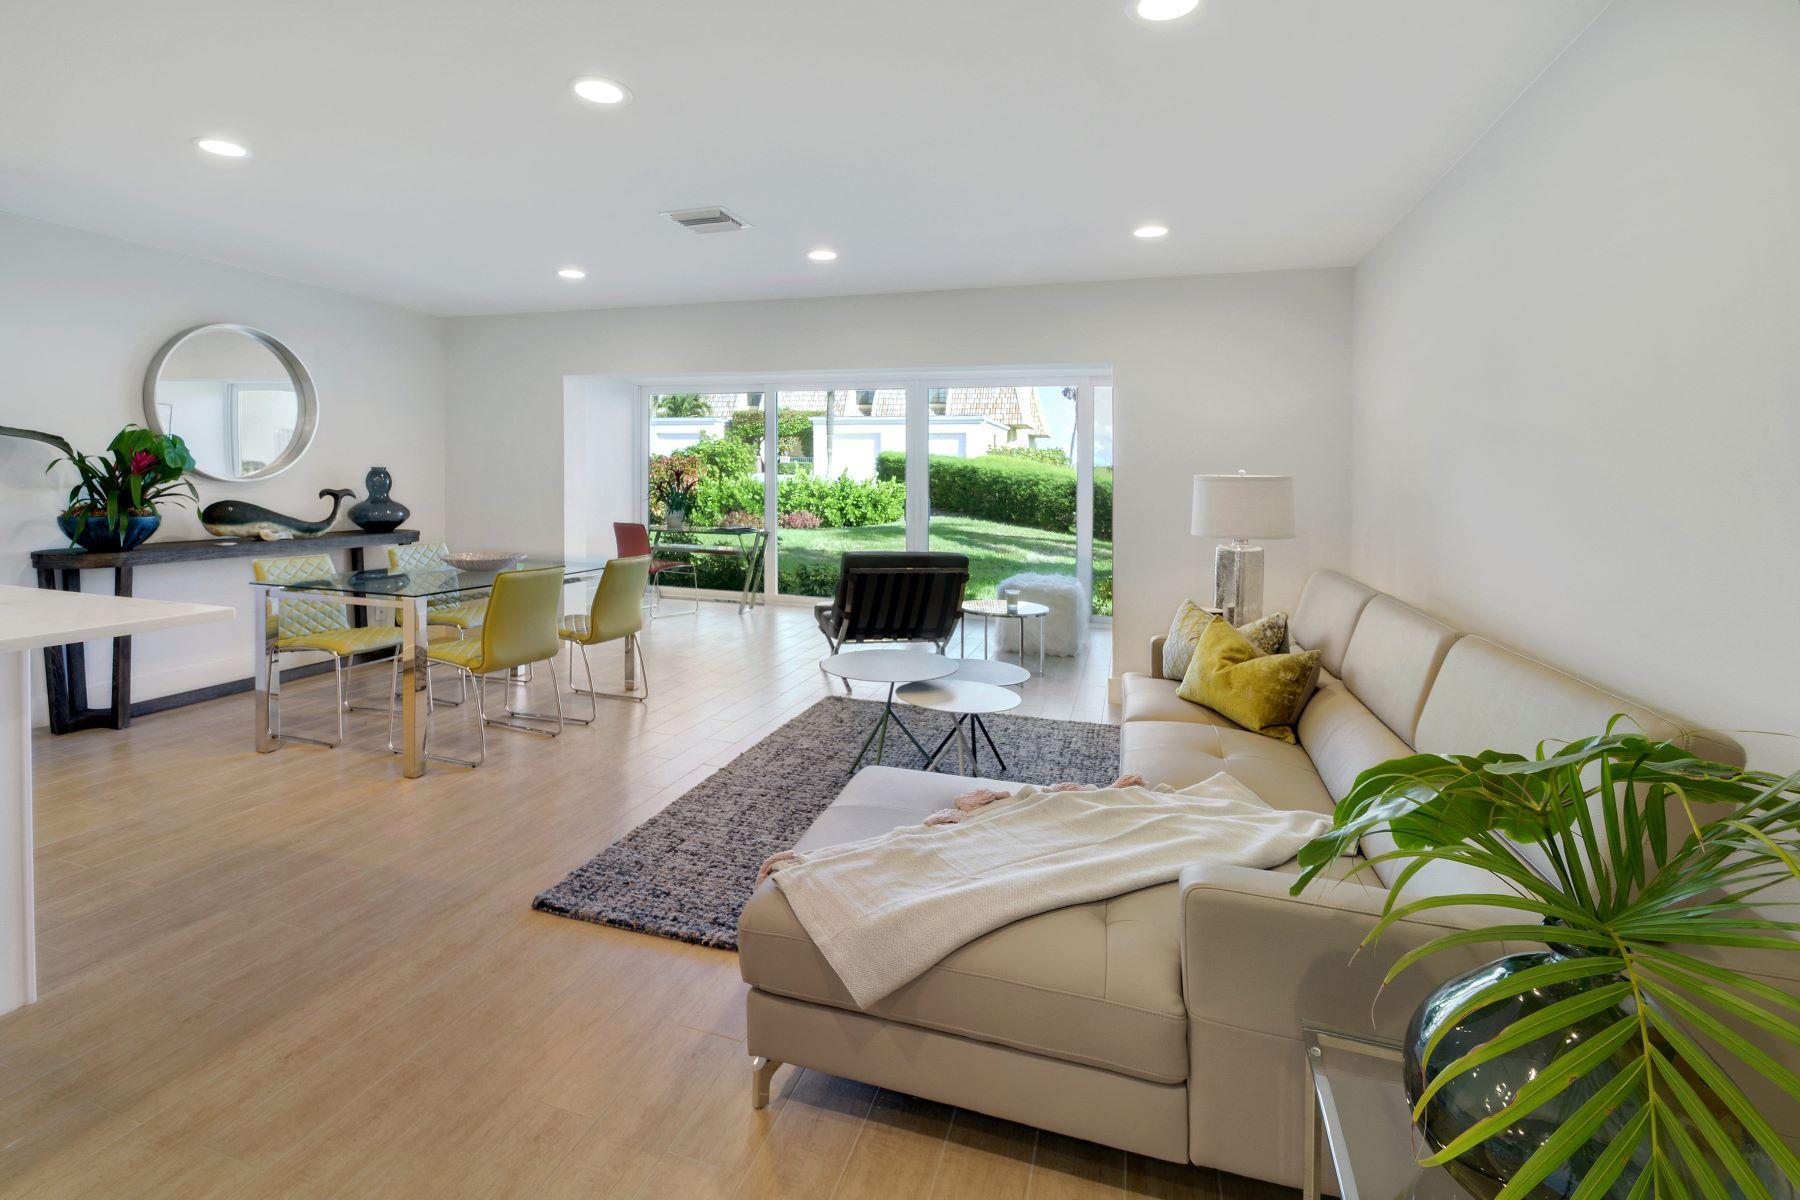 condominiums for Active at 5720 Old Ocean Boulevard 1w Ocean Ridge, Florida 33435 United States